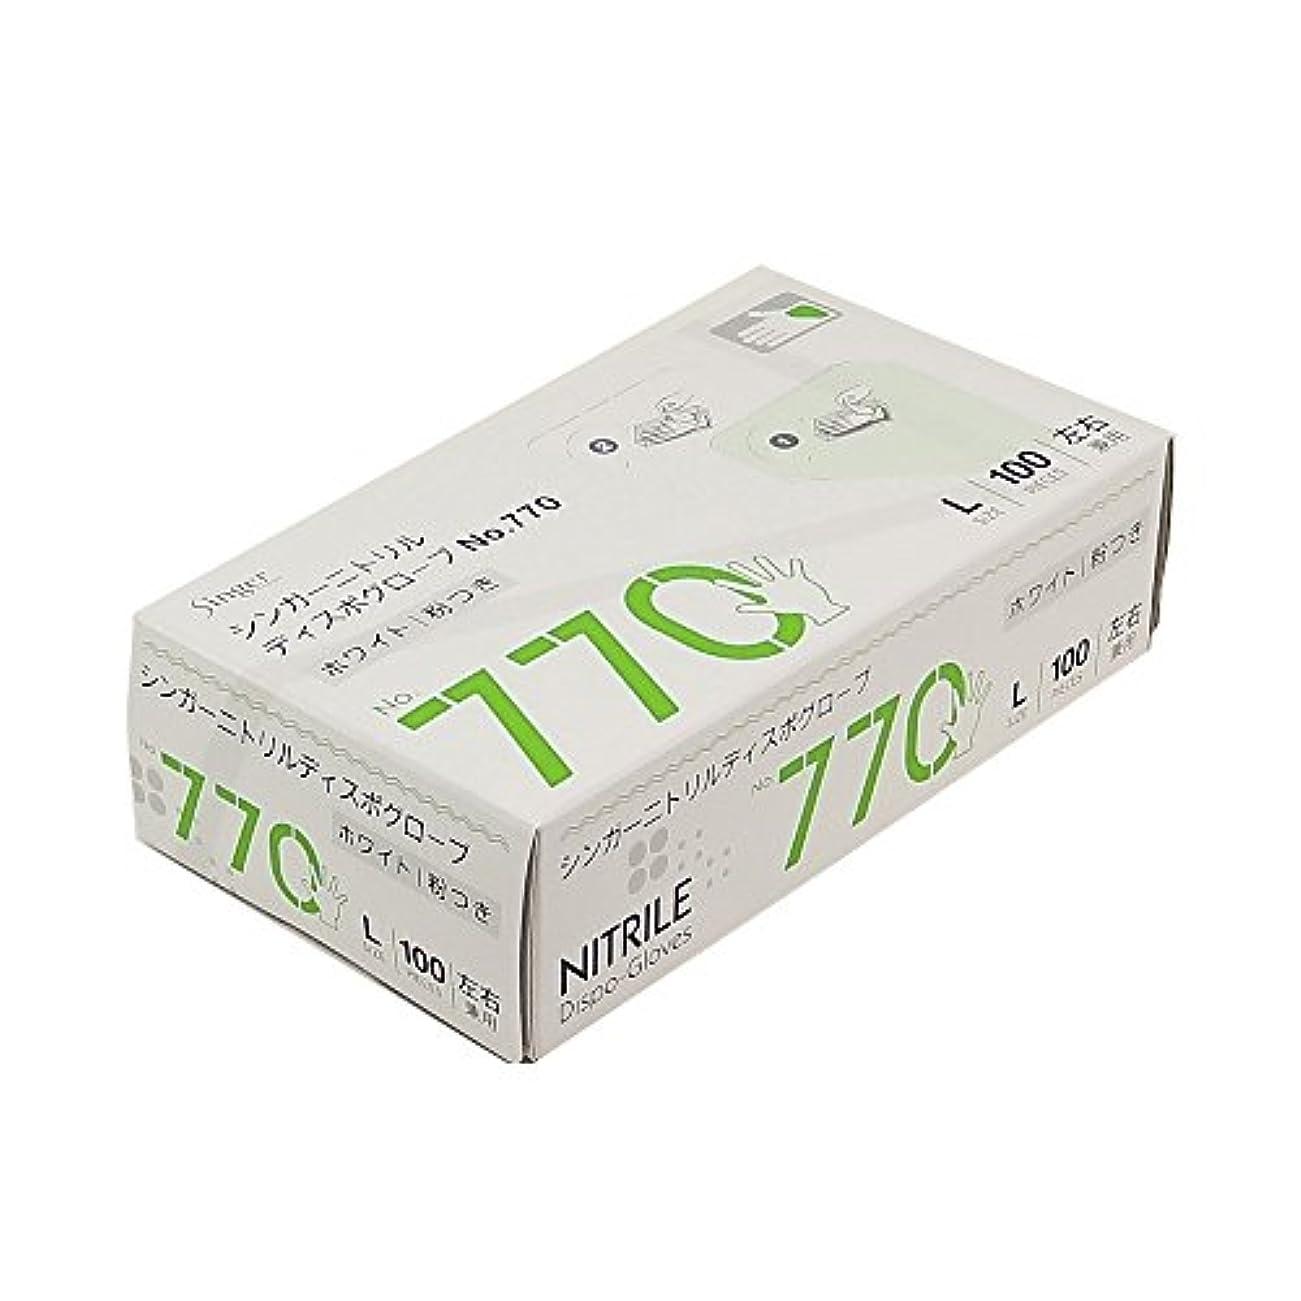 兵士エントリ比較的宇都宮製作 ディスポ手袋 シンガーニトリルディスポグローブ No.770 ホワイト 粉付 100枚入  L